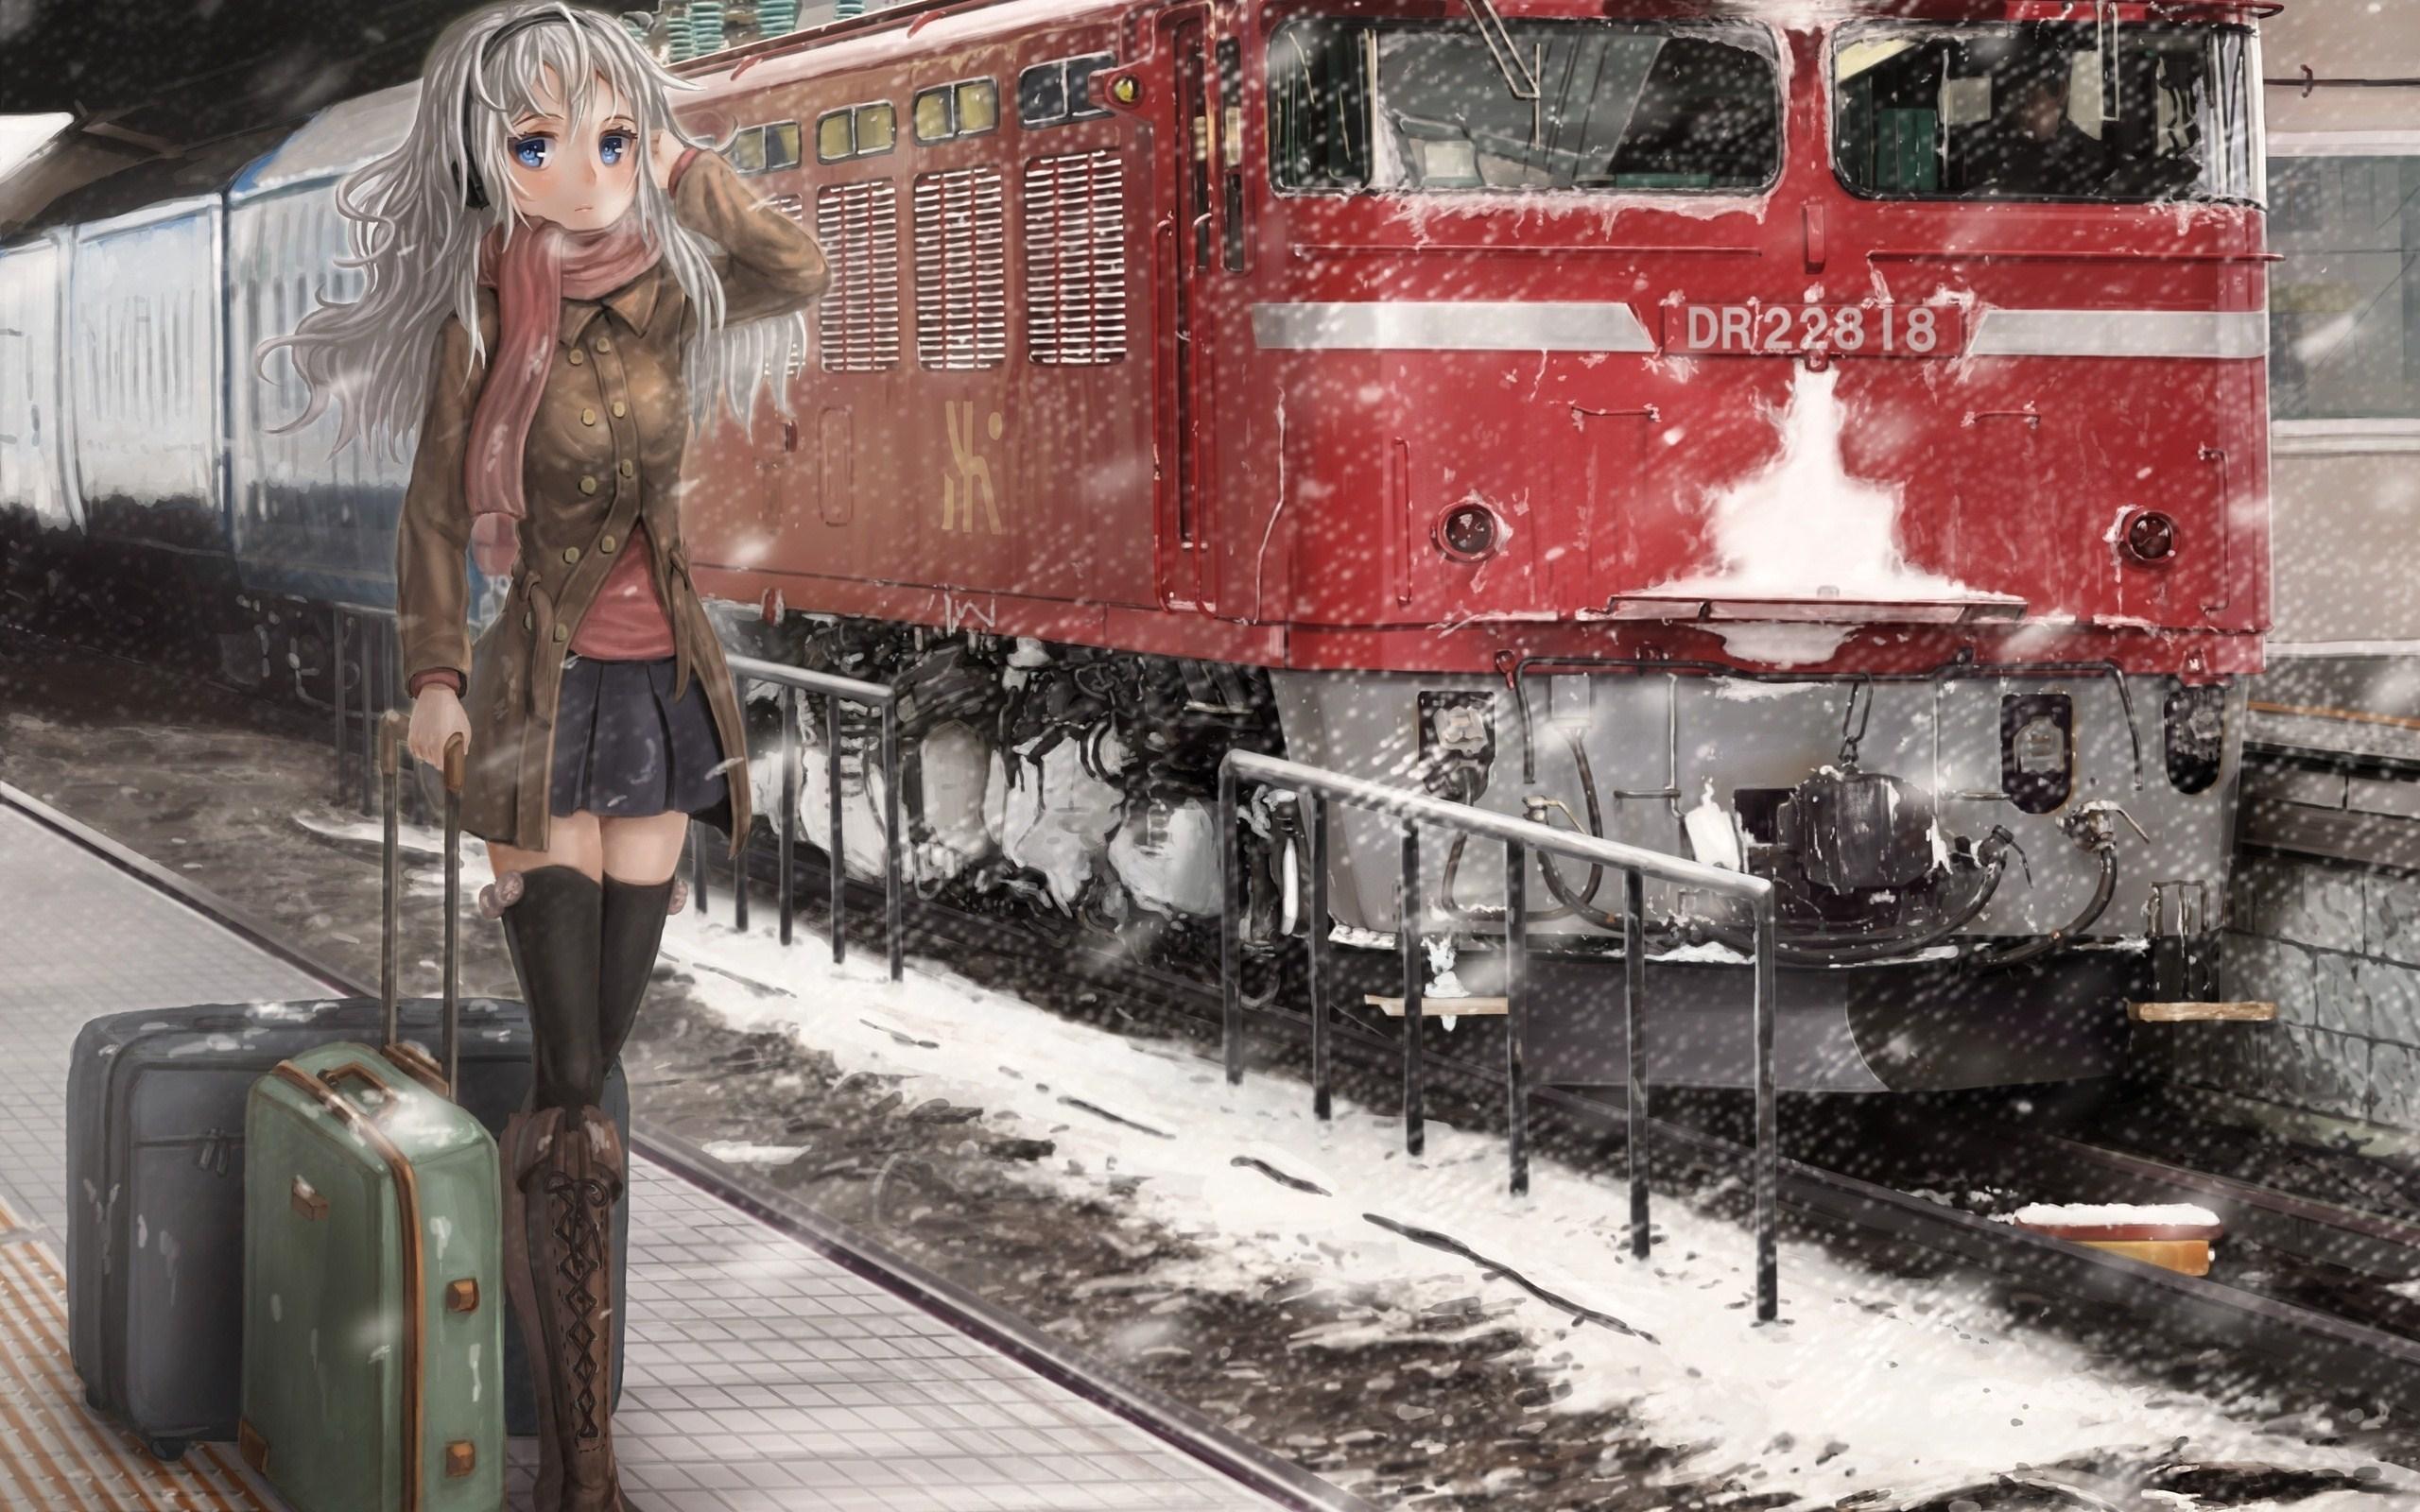 Lovely Anime Winter Wallpaper